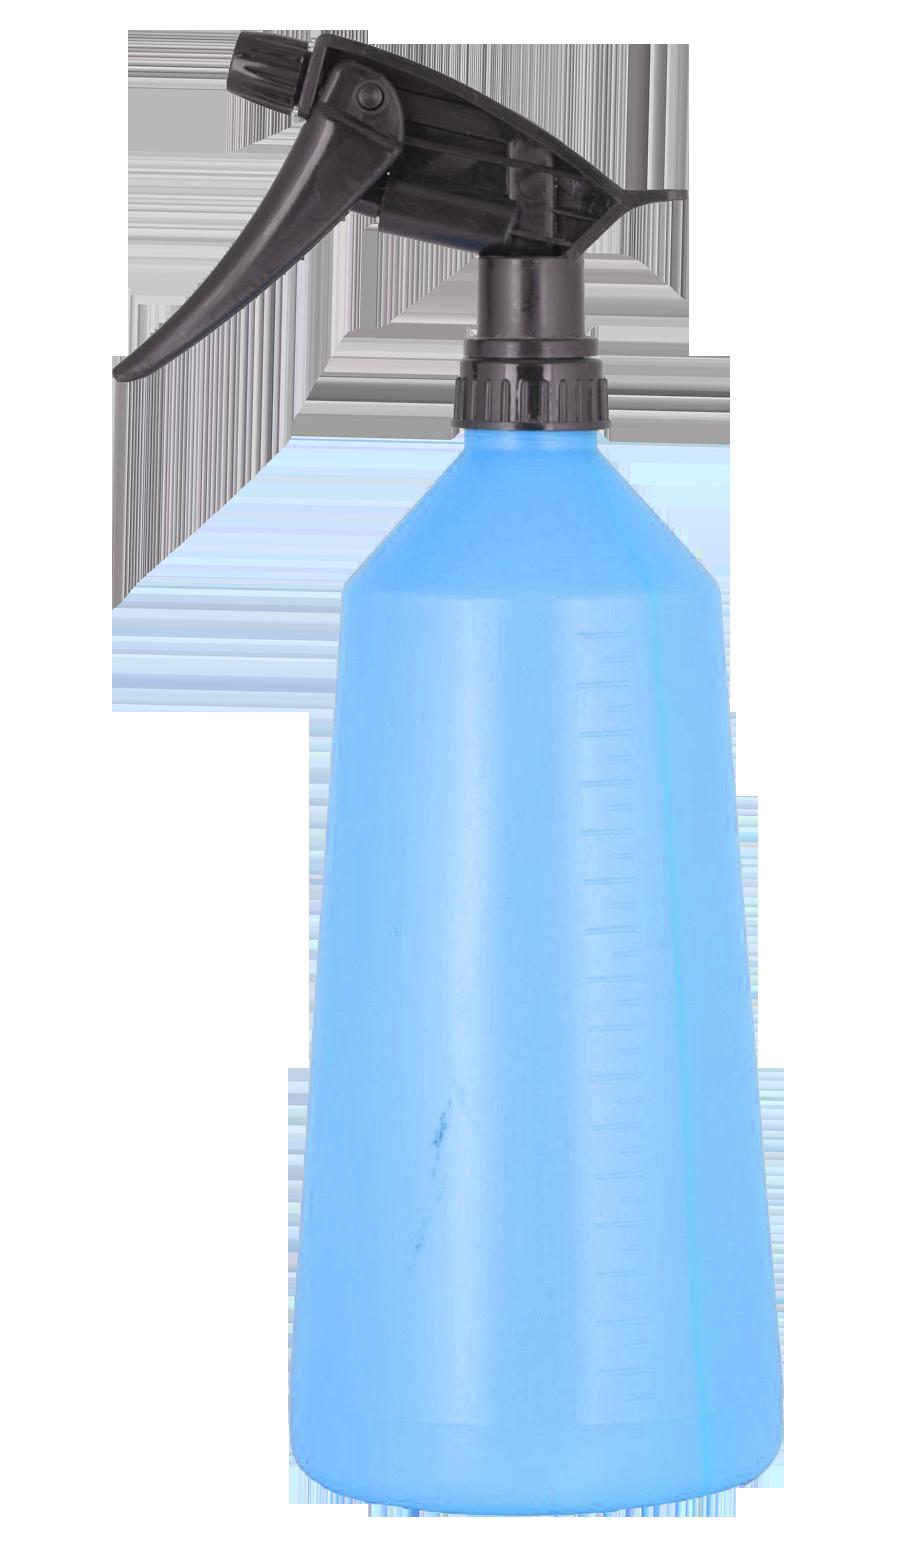 Shampoo clipart liquid object. Soap bottle png transparent